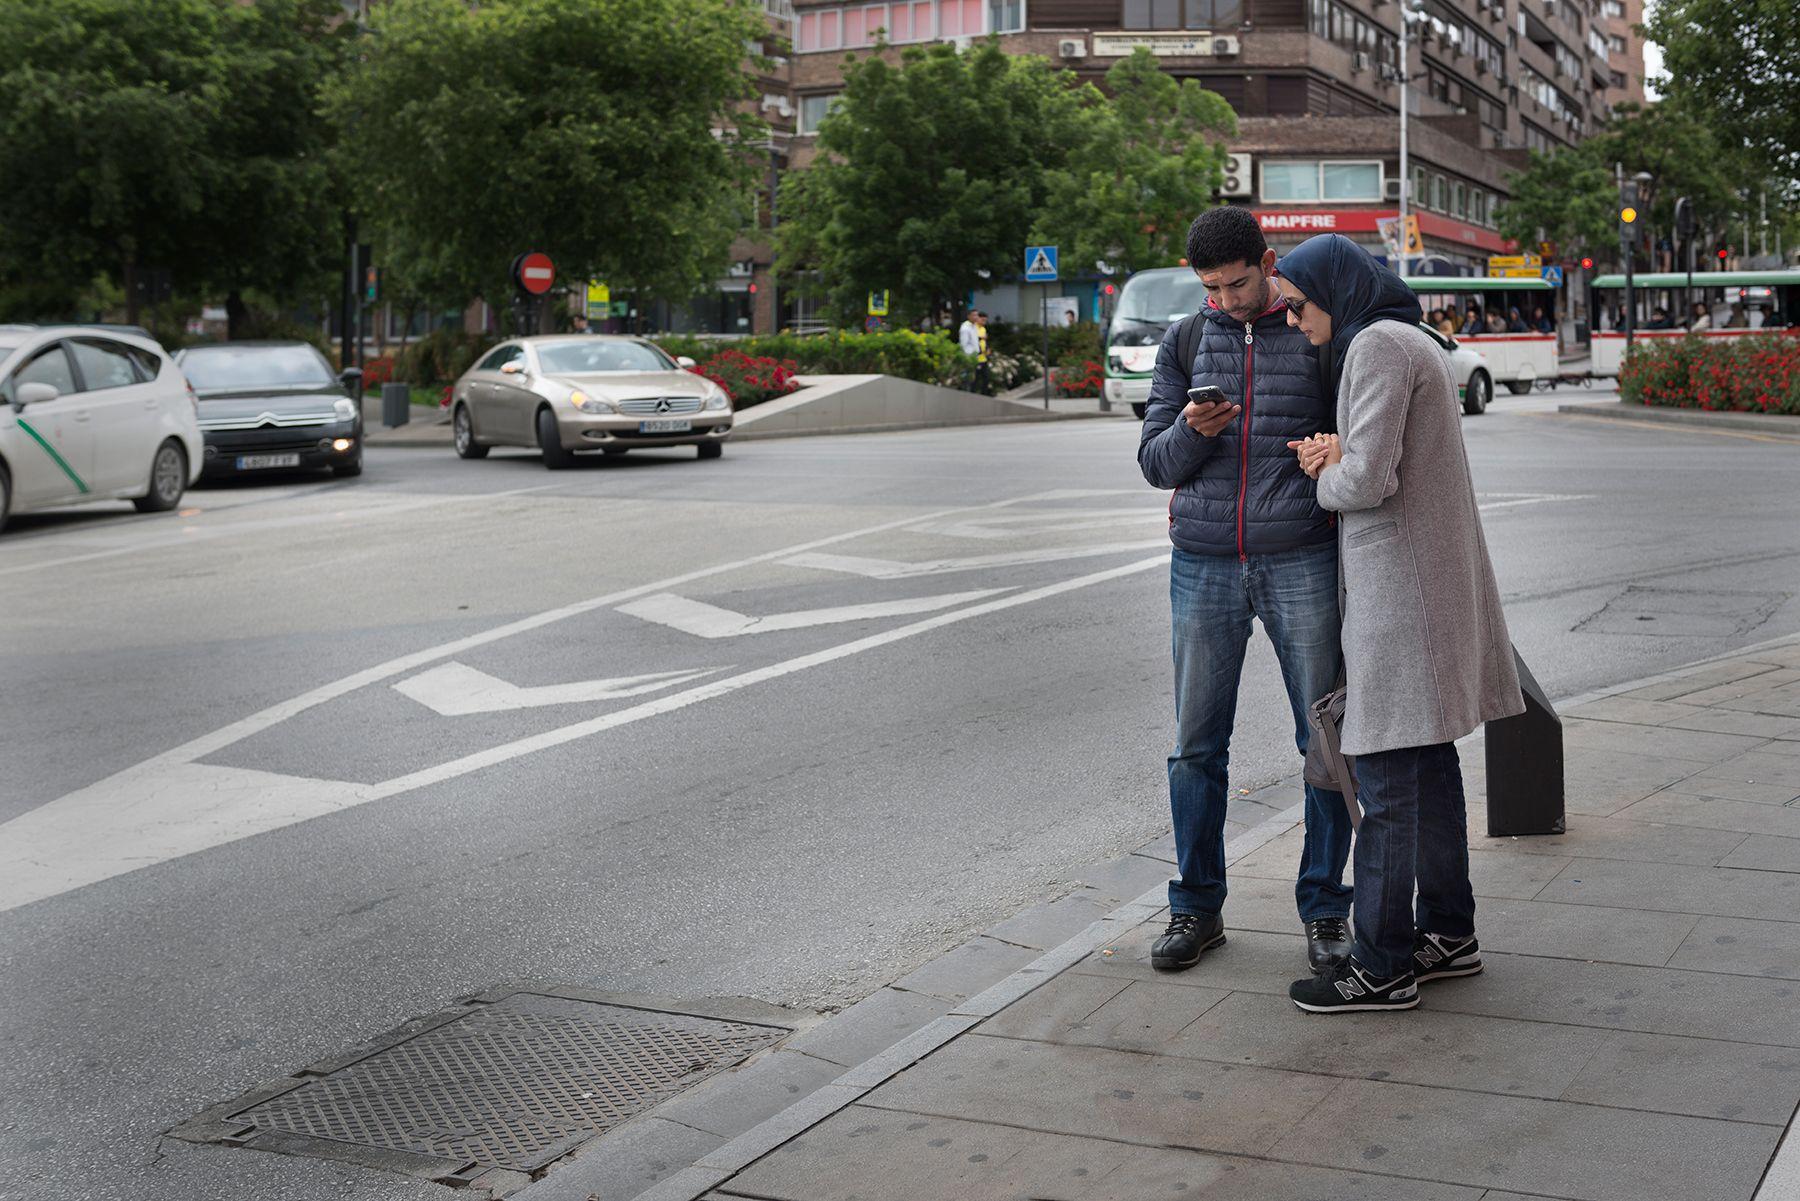 Hombre con tirita en la frente y mujer con hiyab